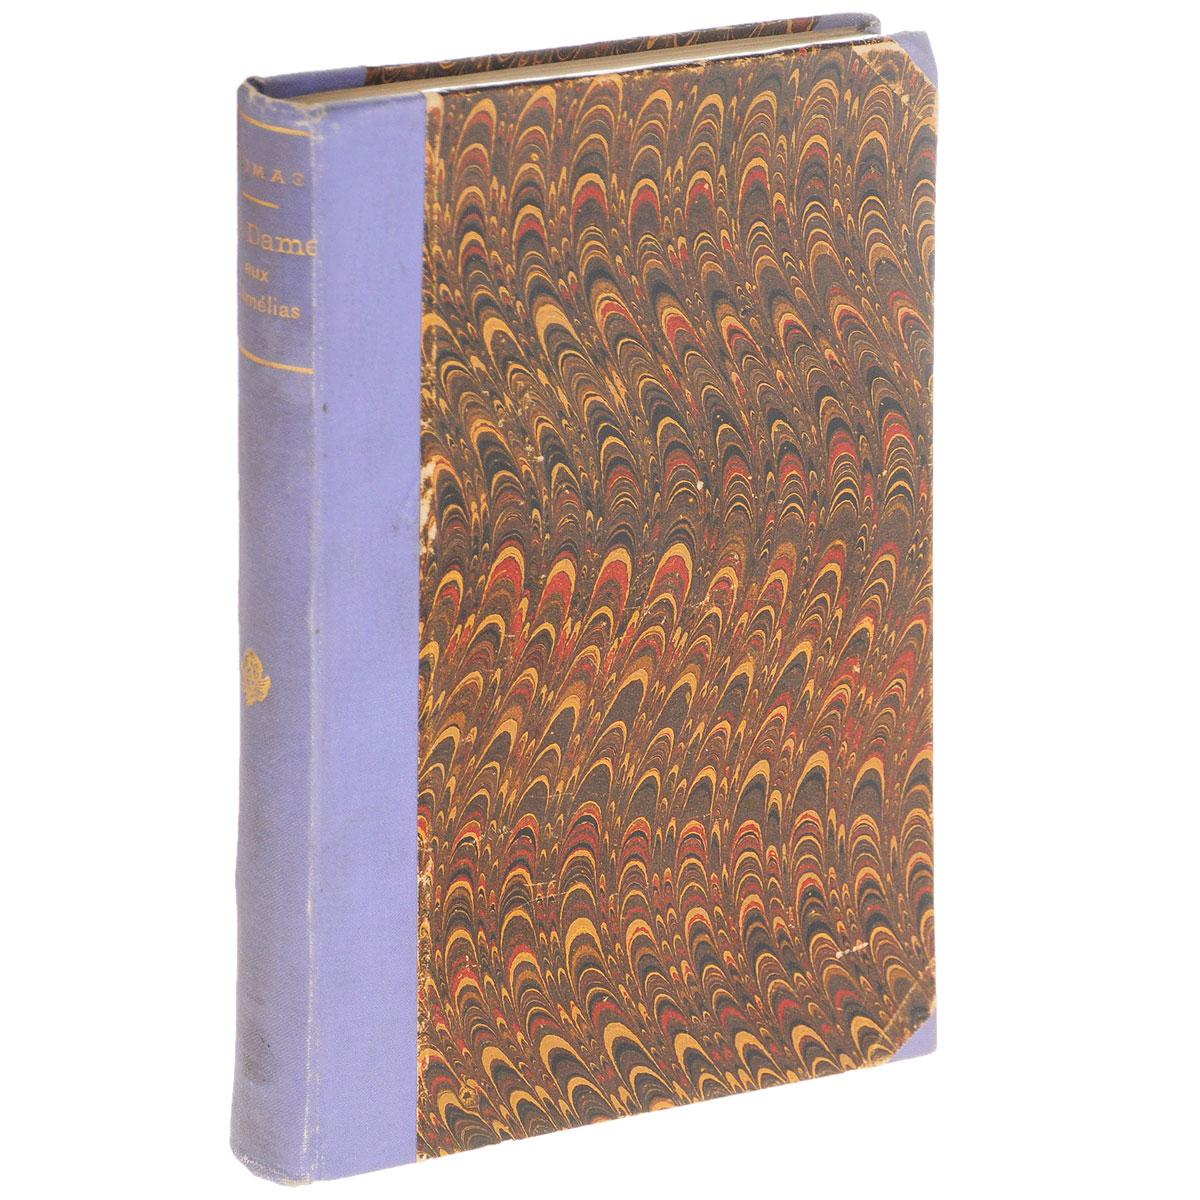 La Dame aux Camelias0120710Прижизненное издание. Париж, 1897 год. Calmann Levy.Владельческий переплет. Сохранность хорошая.Александр Дюма, сын автора Графа Монте-Кристо, Трех мушкетеров, Королевы Марго, доказал, что способен потягаться с великим отцом.В двадцать четыре года он написал роман ДАМА С КАМЕЛИЯМИ (1848), о котором заговорил весь Париж. В основу сюжета легла реальнаяистория - история роковой красавицы куртизанки Мари Дюплесси, которая совсем молодой умерла от туберкулеза. Роман был переделан в пьесу,имевшую шумный успех, пьесу подхватил Джузеппе Верди и написал оперу Травиата - словом, сюжету было суждено бессмертие.Издание не подлежит вывозу за пределы Российской Федерации.